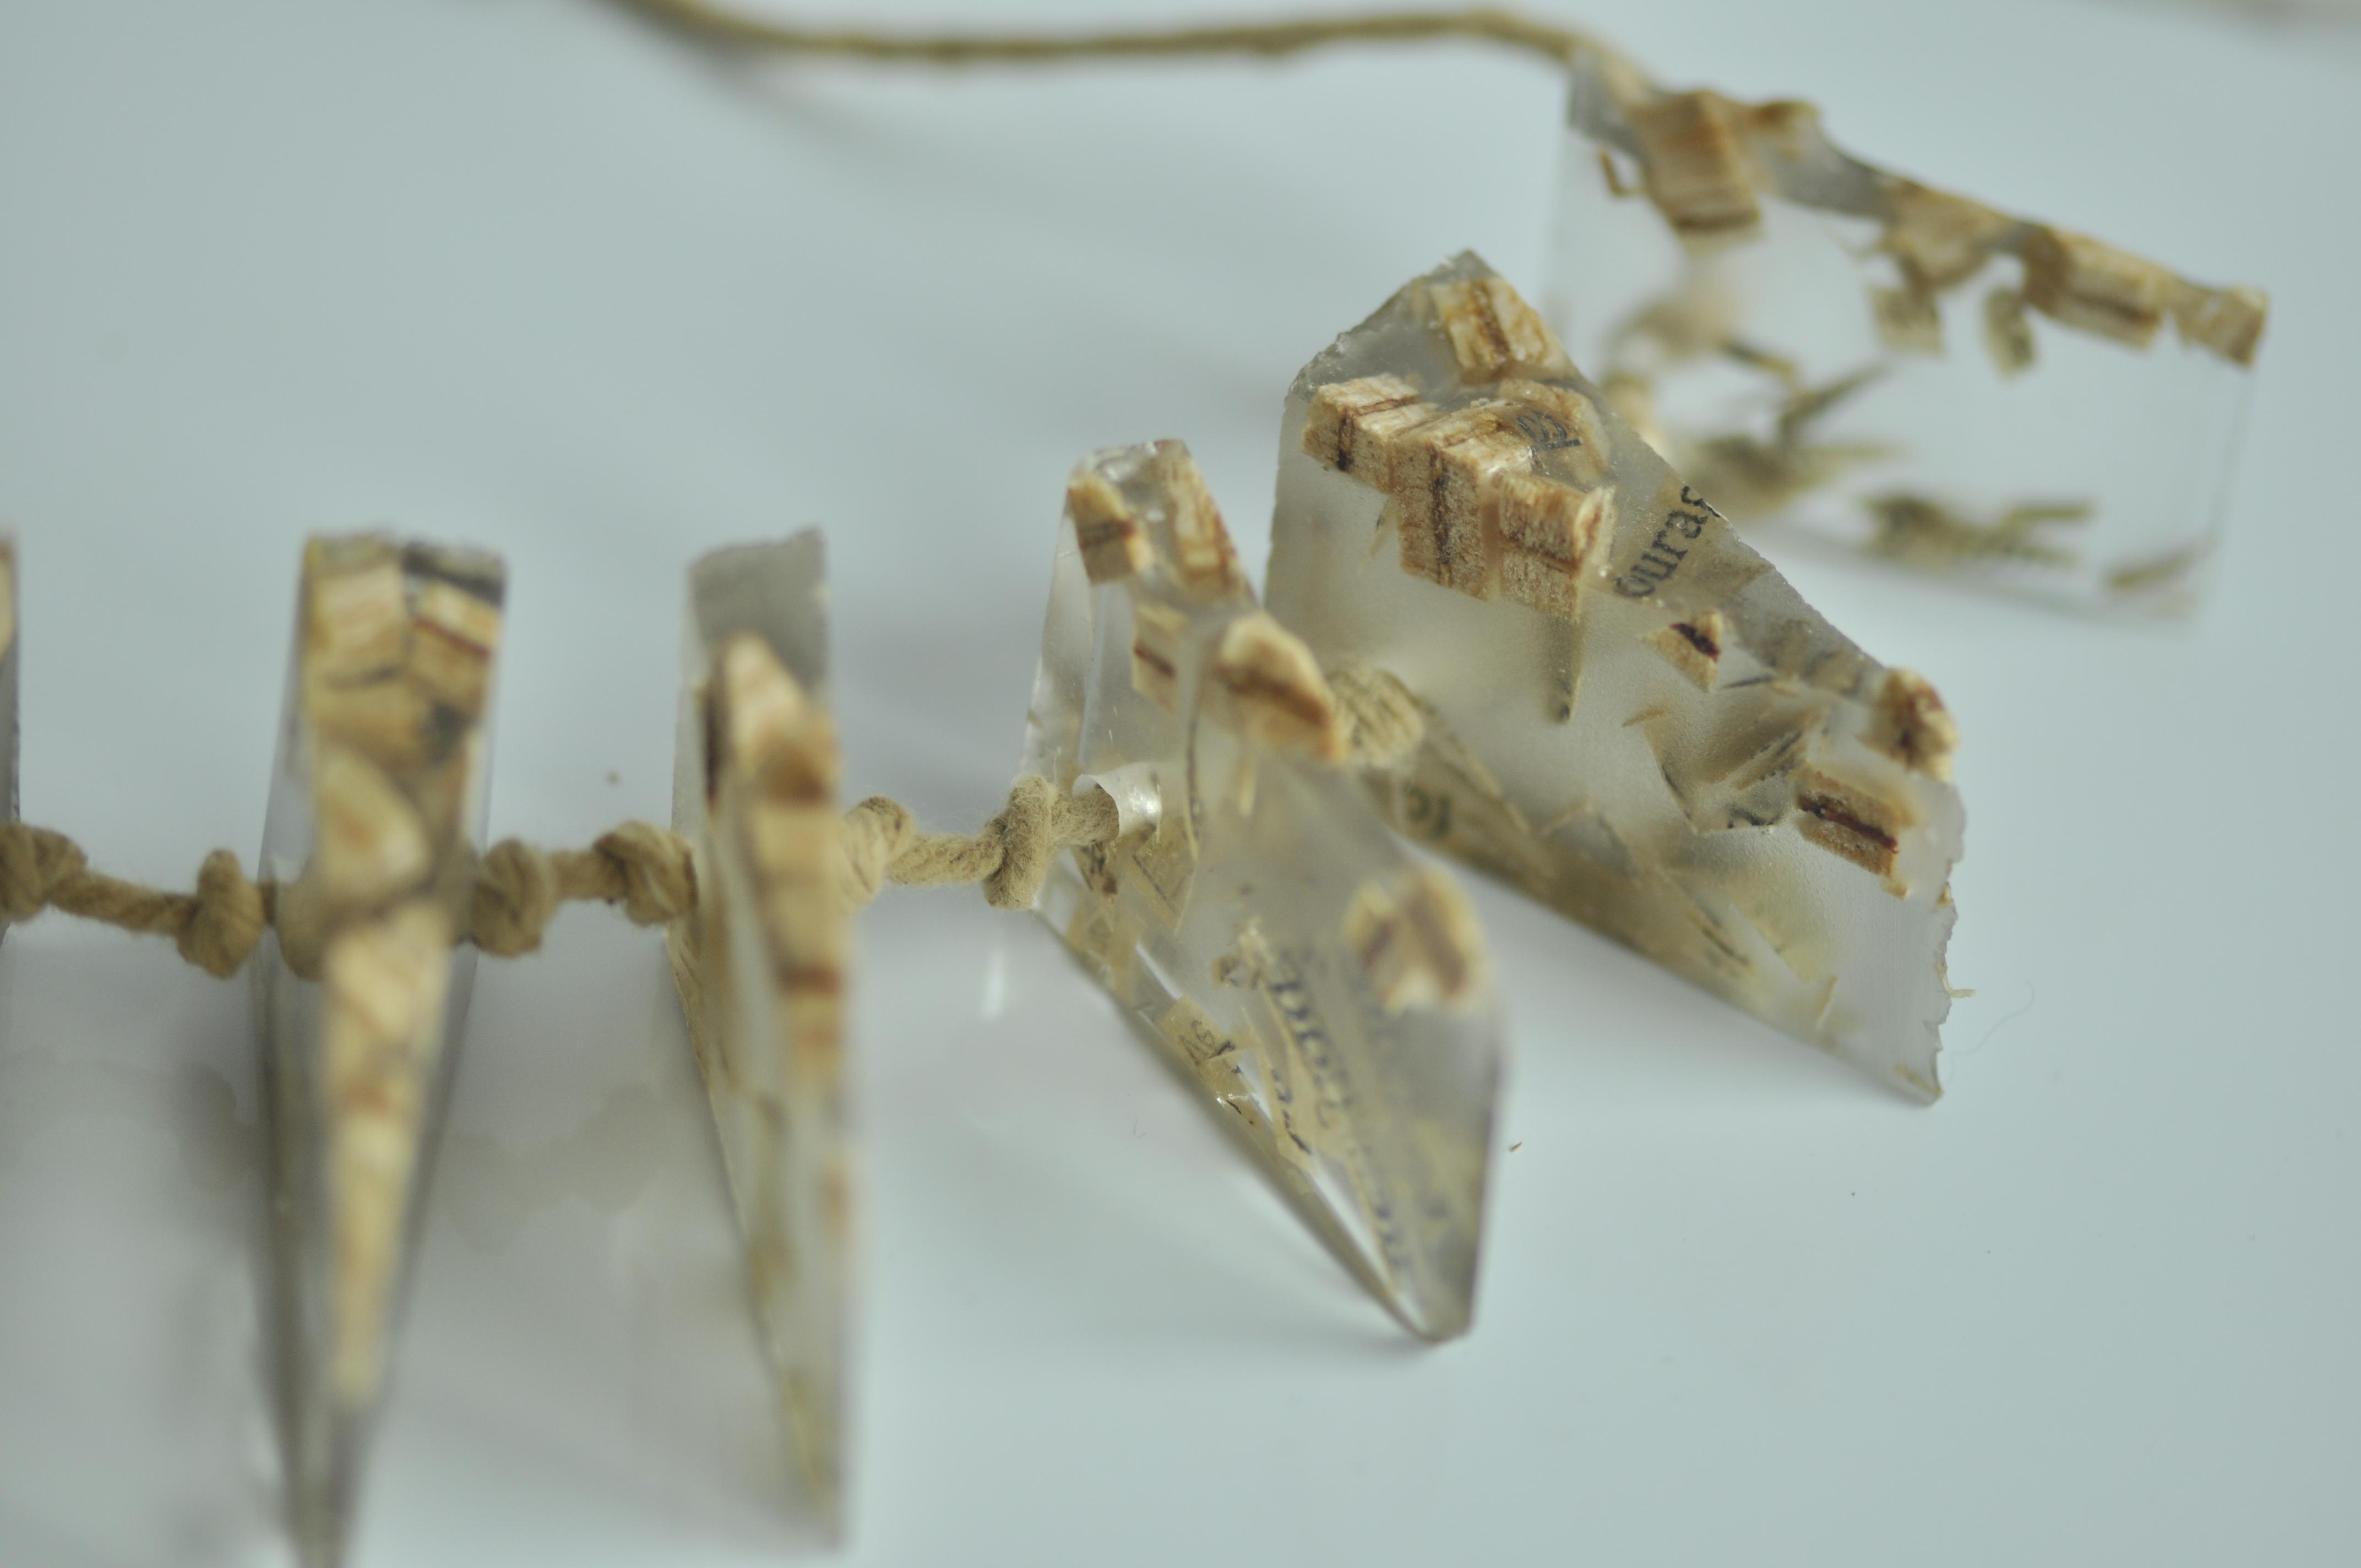 paper, resin, wood. (2)